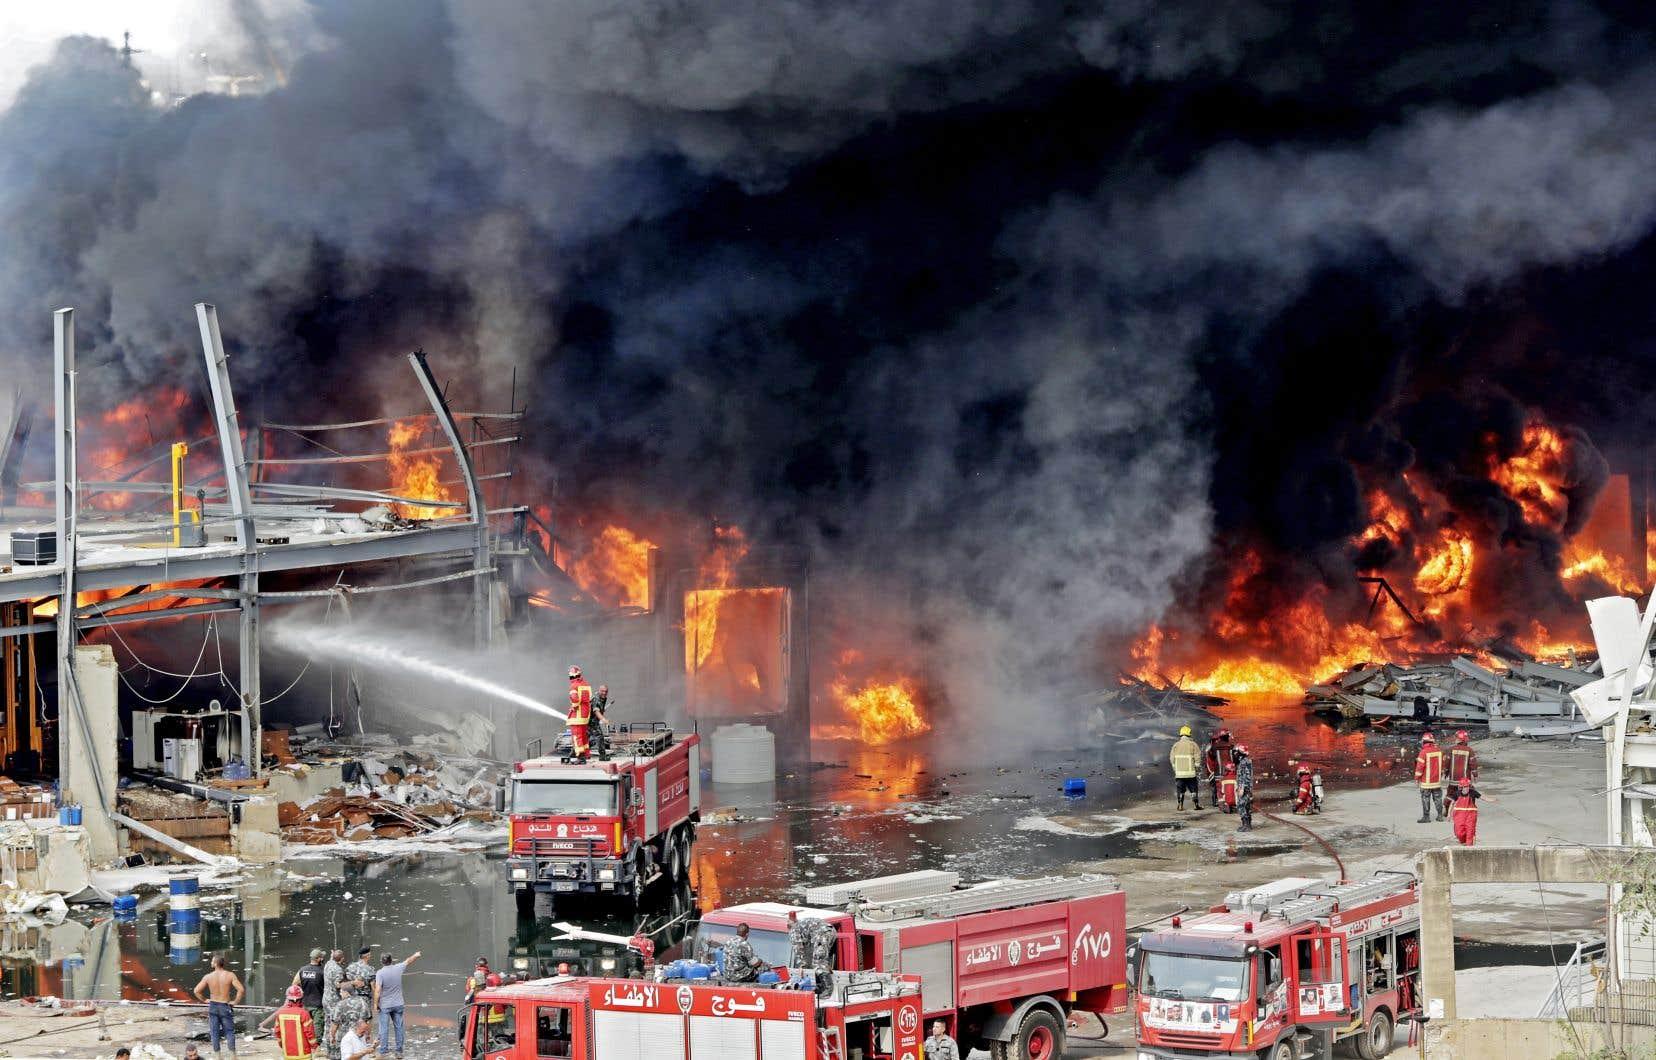 Les chaînes locales retransmettent en direct les images de pompiers se battant contre les flammes, ces mêmes soldats du feu qui avaient été envoyés à la mort pour circonscrire l'incendie du 4 août qui avait précédé la double explosion.